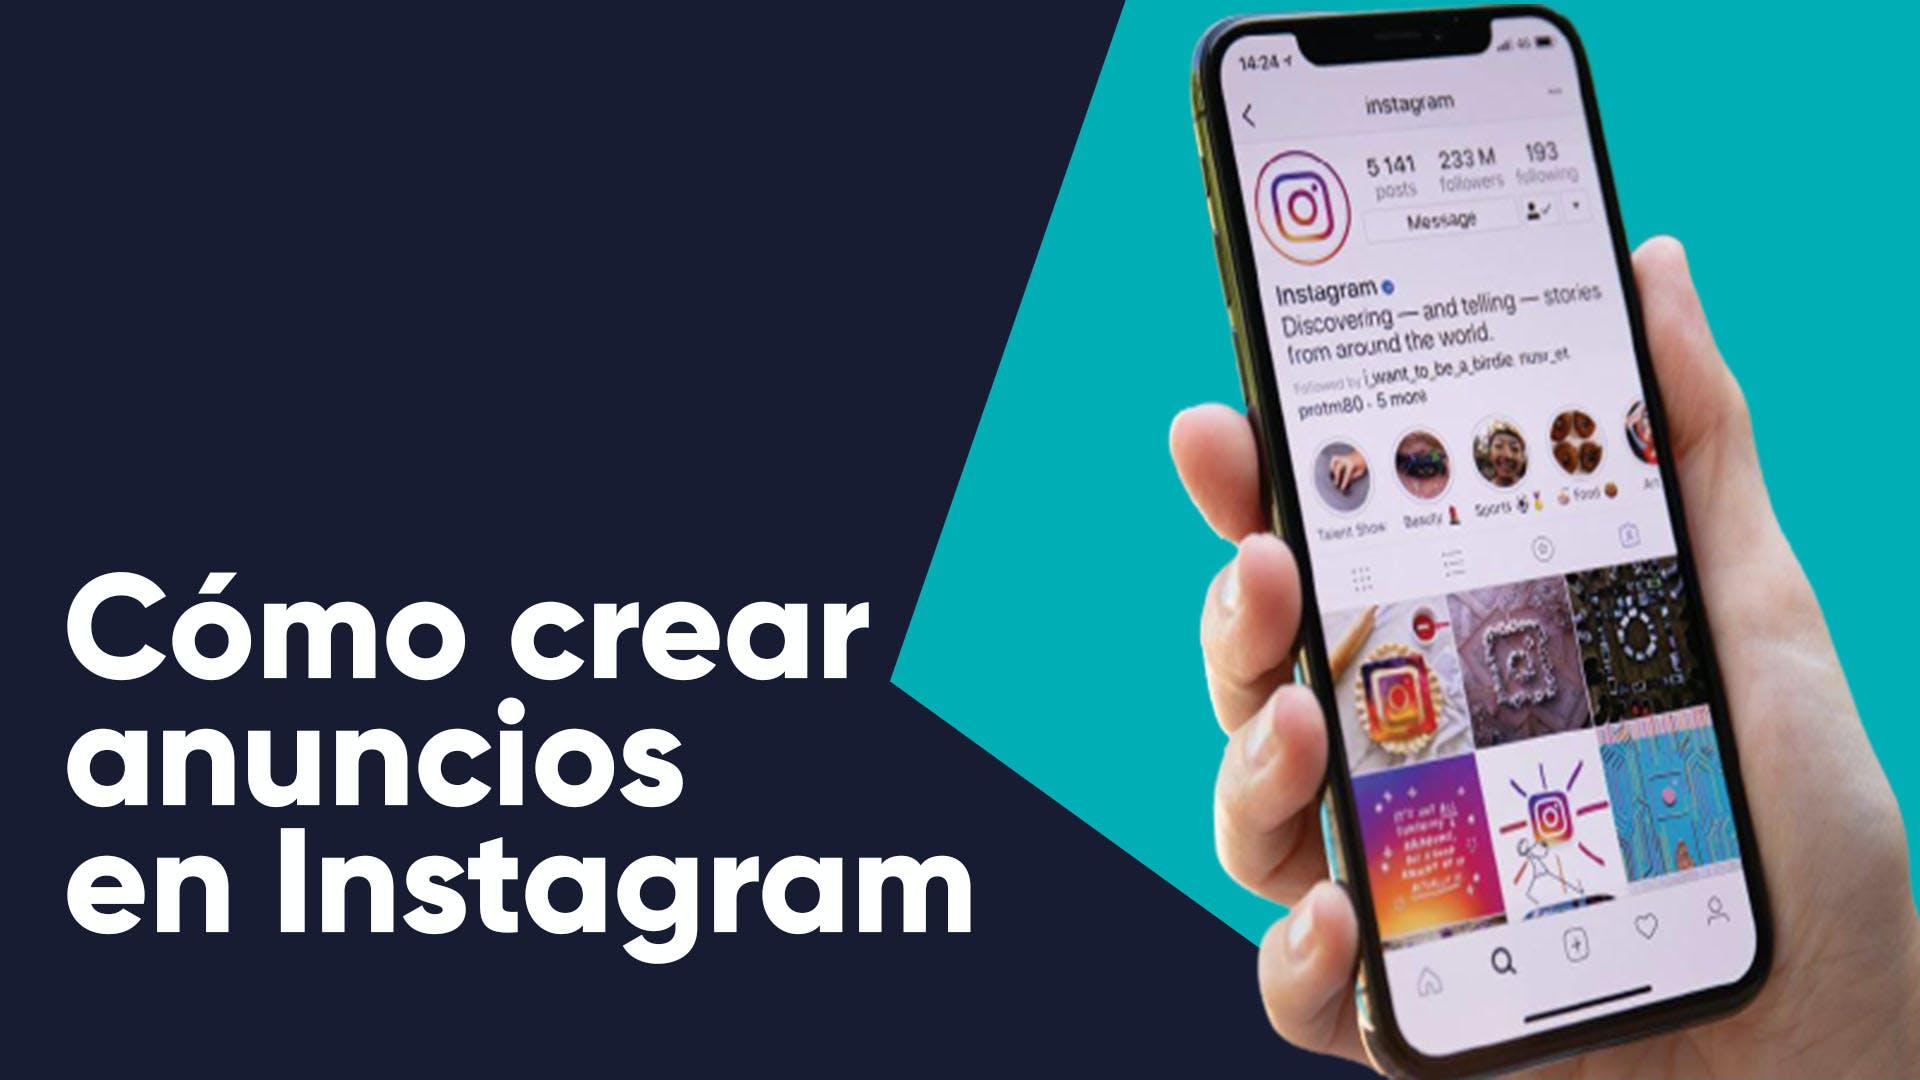 Te enseñamos cómo crear anuncios publicitarios en Instagram con solo 5 pasos